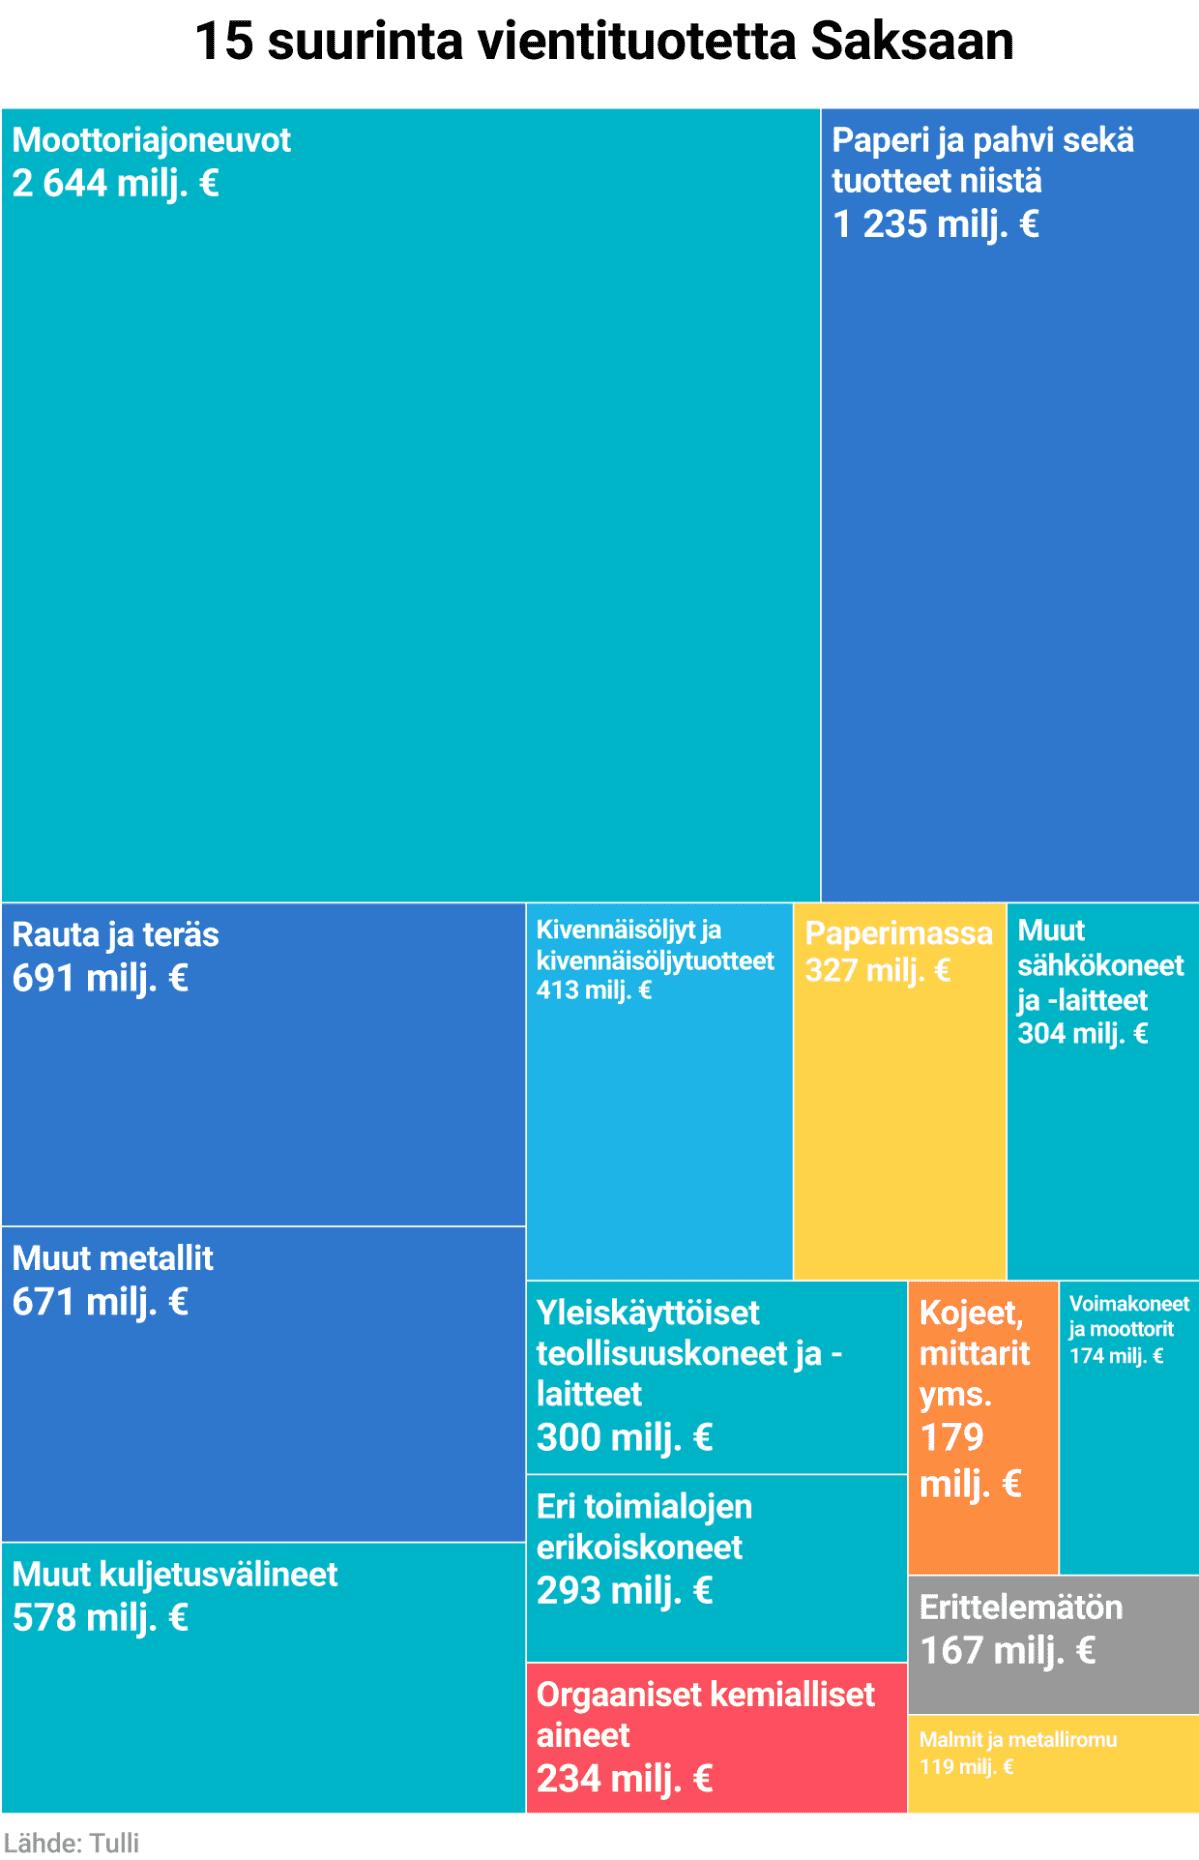 Tavaravienti Saksaan, 15 suurinta osa-aluetta